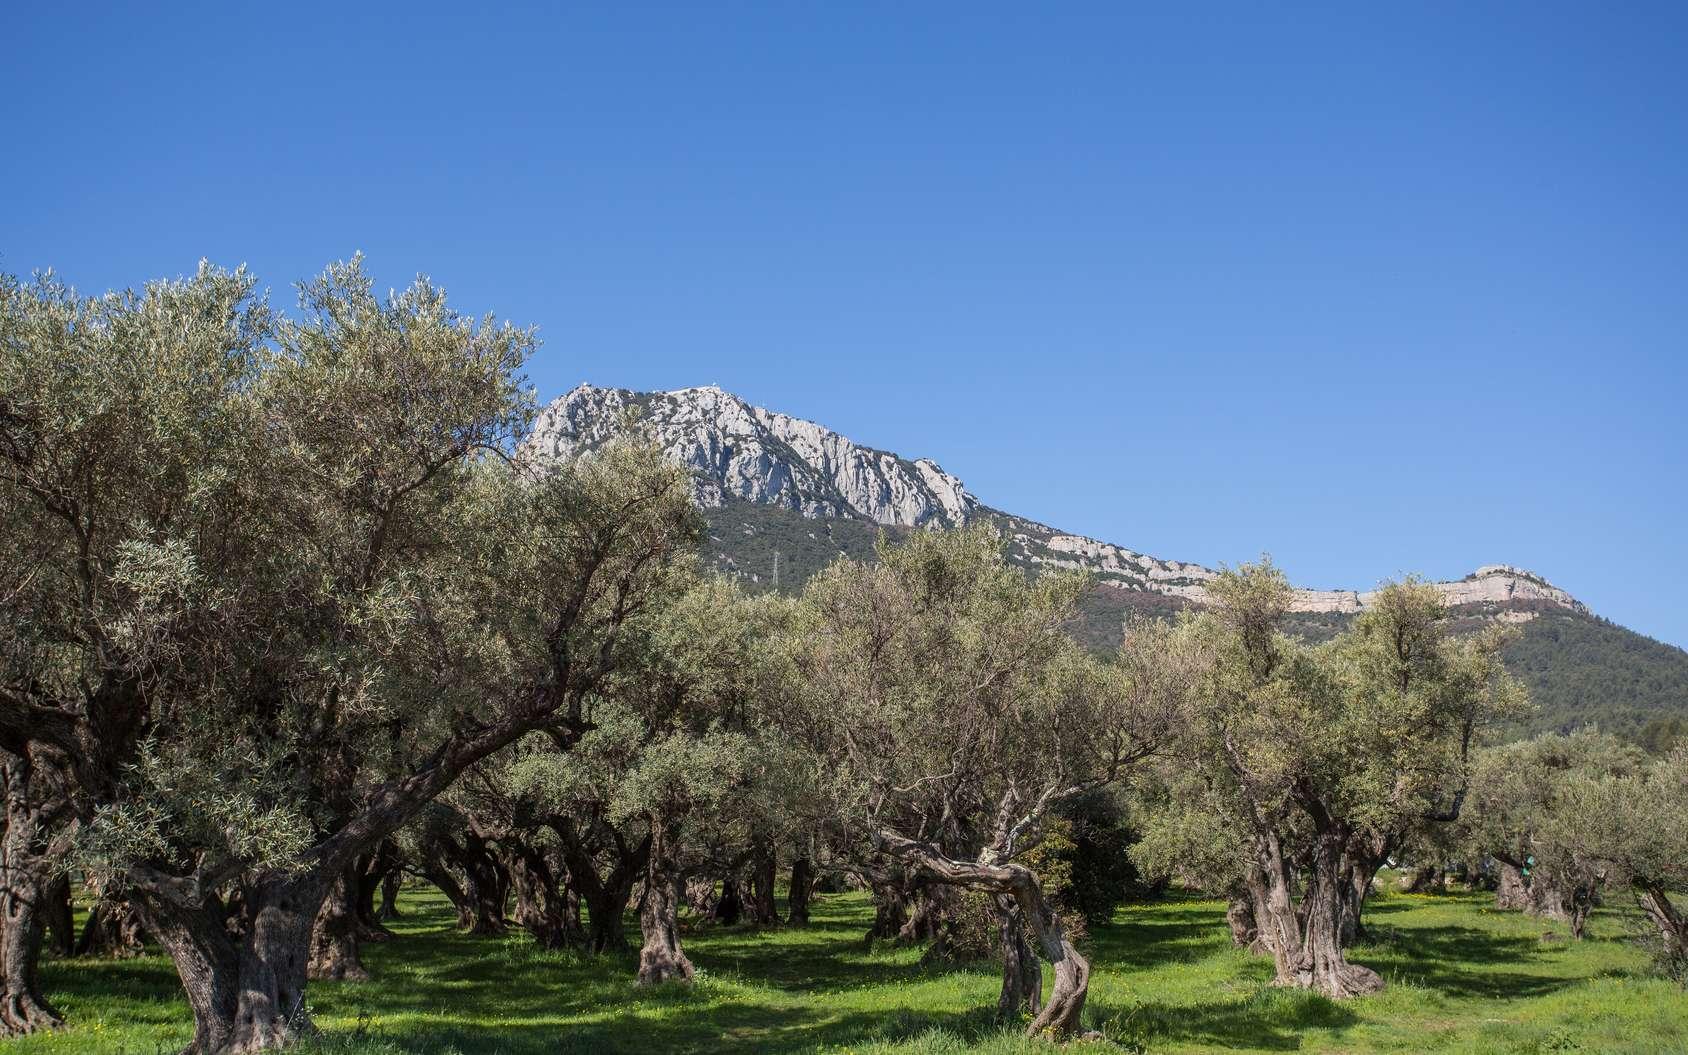 L'olivier est un arbre particulièrement adapté au climat méditerranéen. © philippe, fotolia